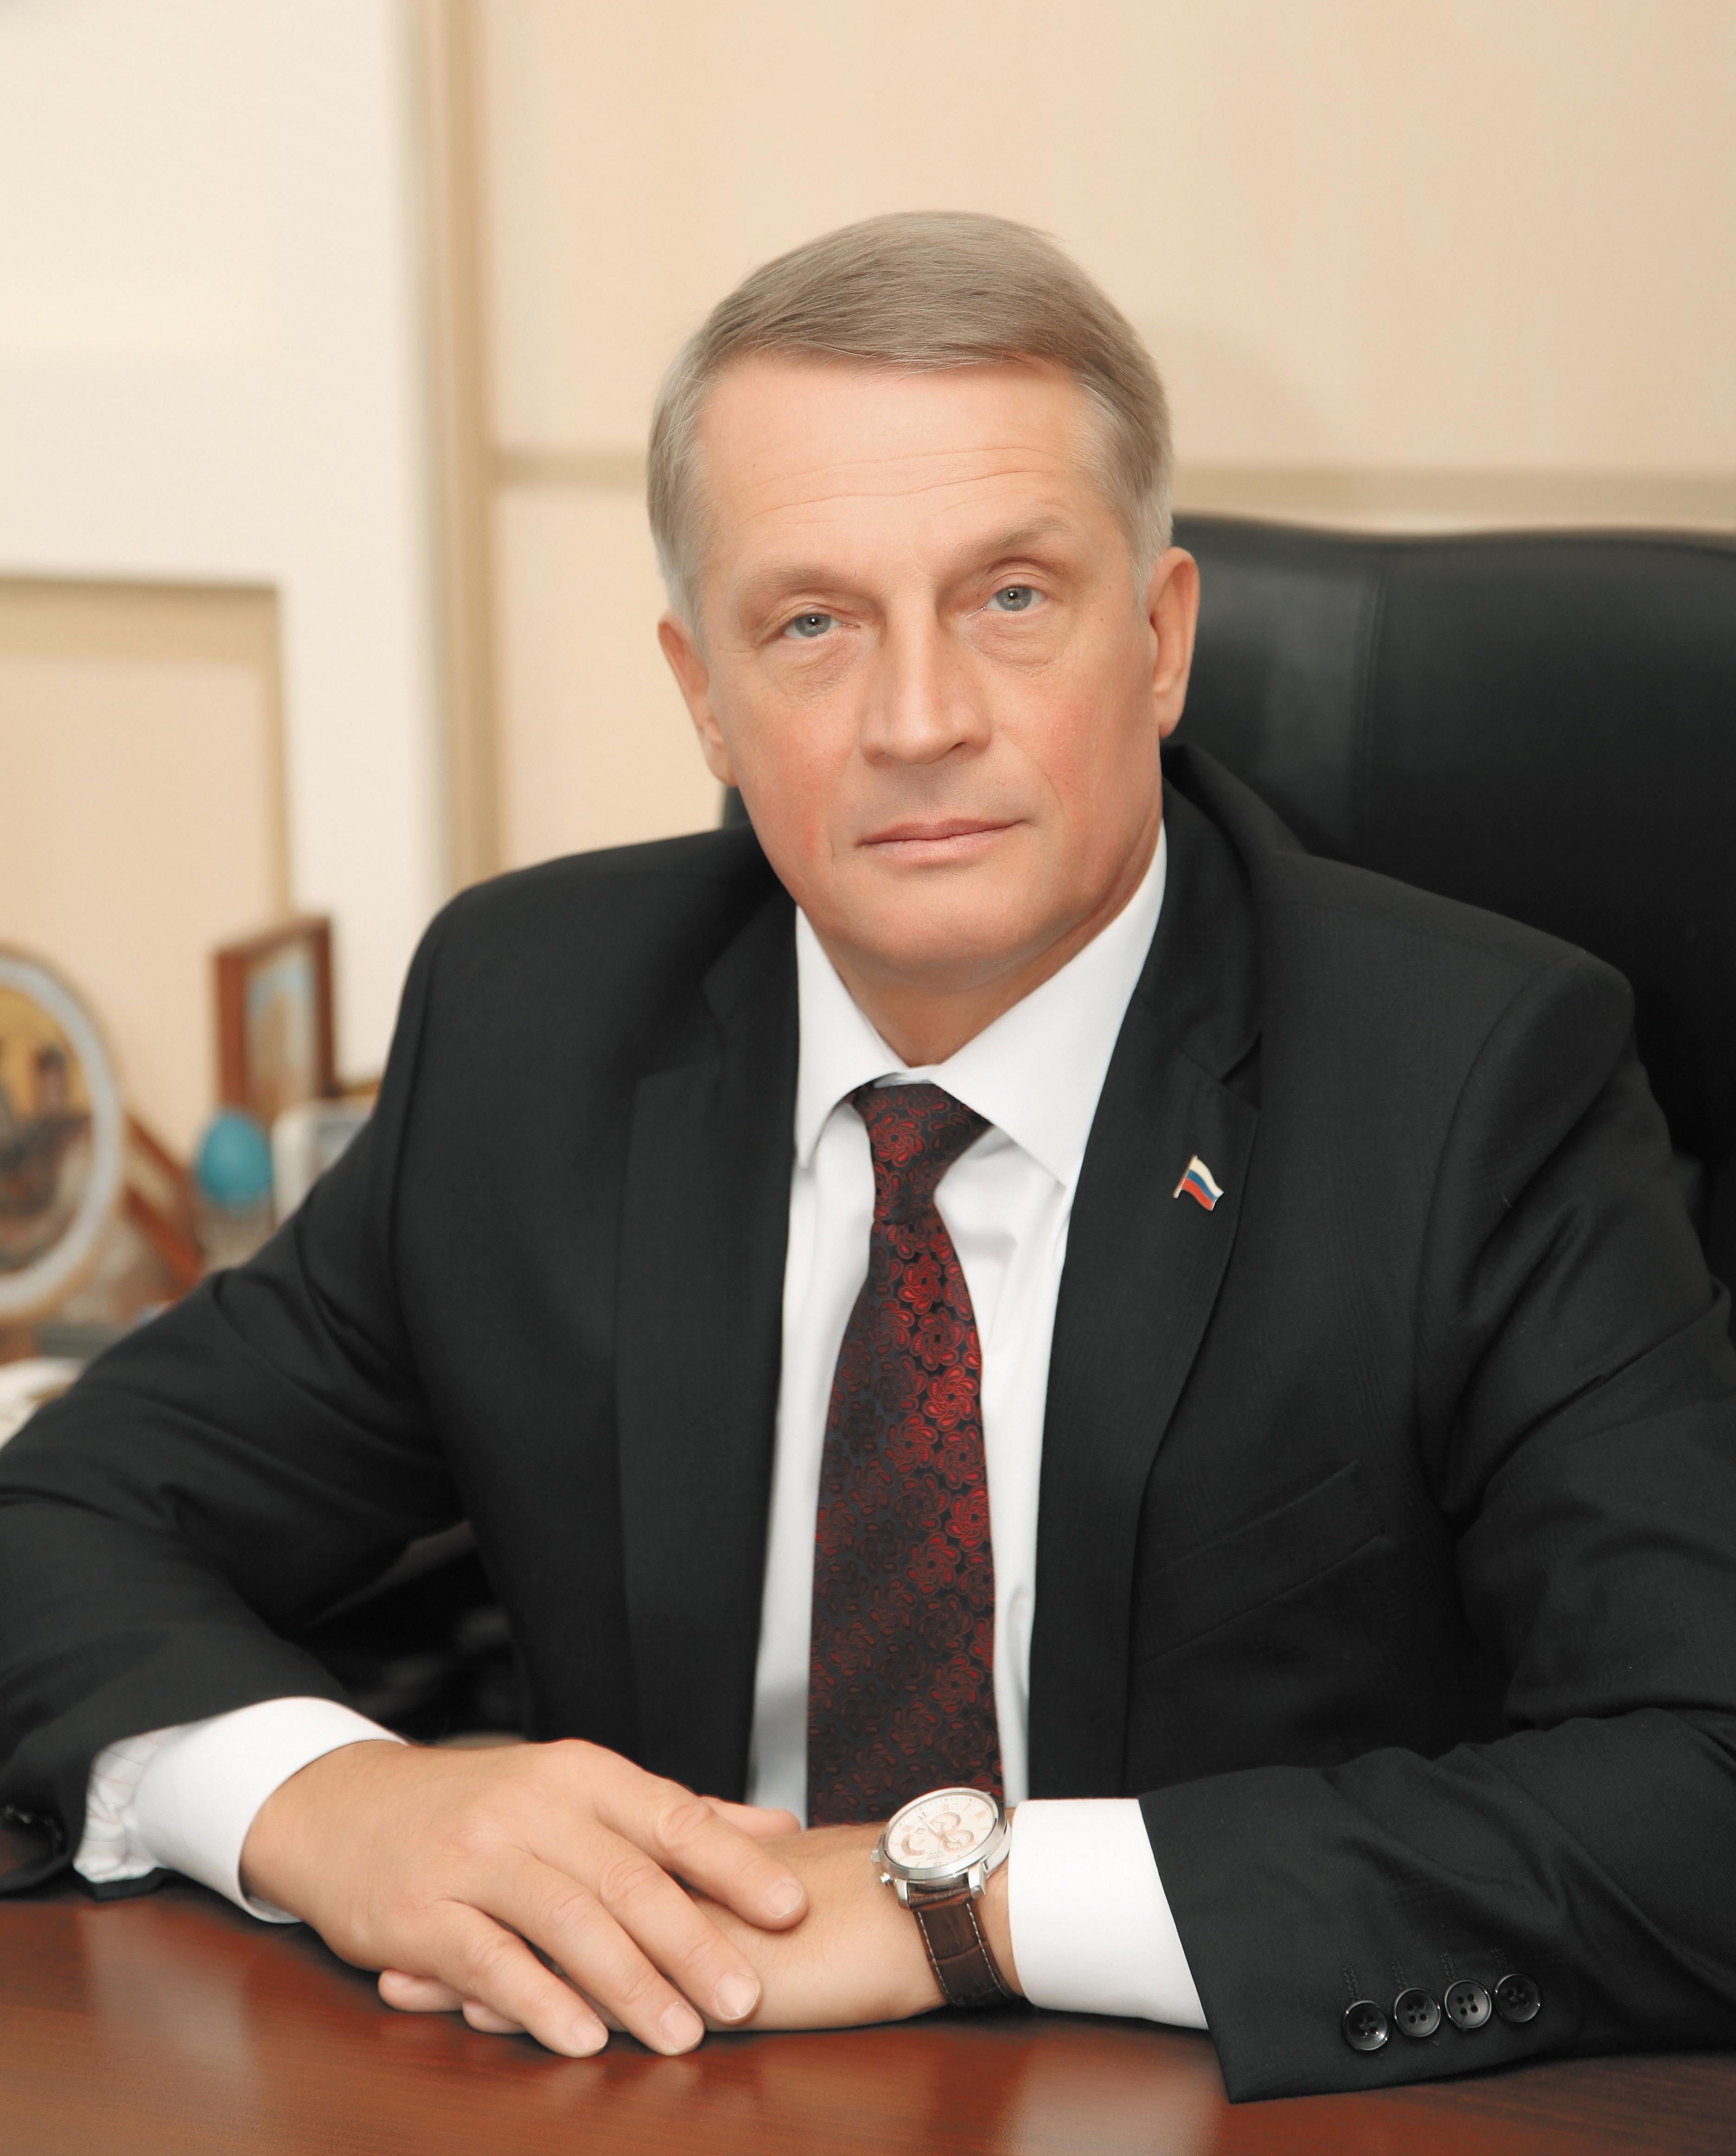 Пустовалов юрий геннадьевич директор сельлесхоза кичменгский городок фото 7